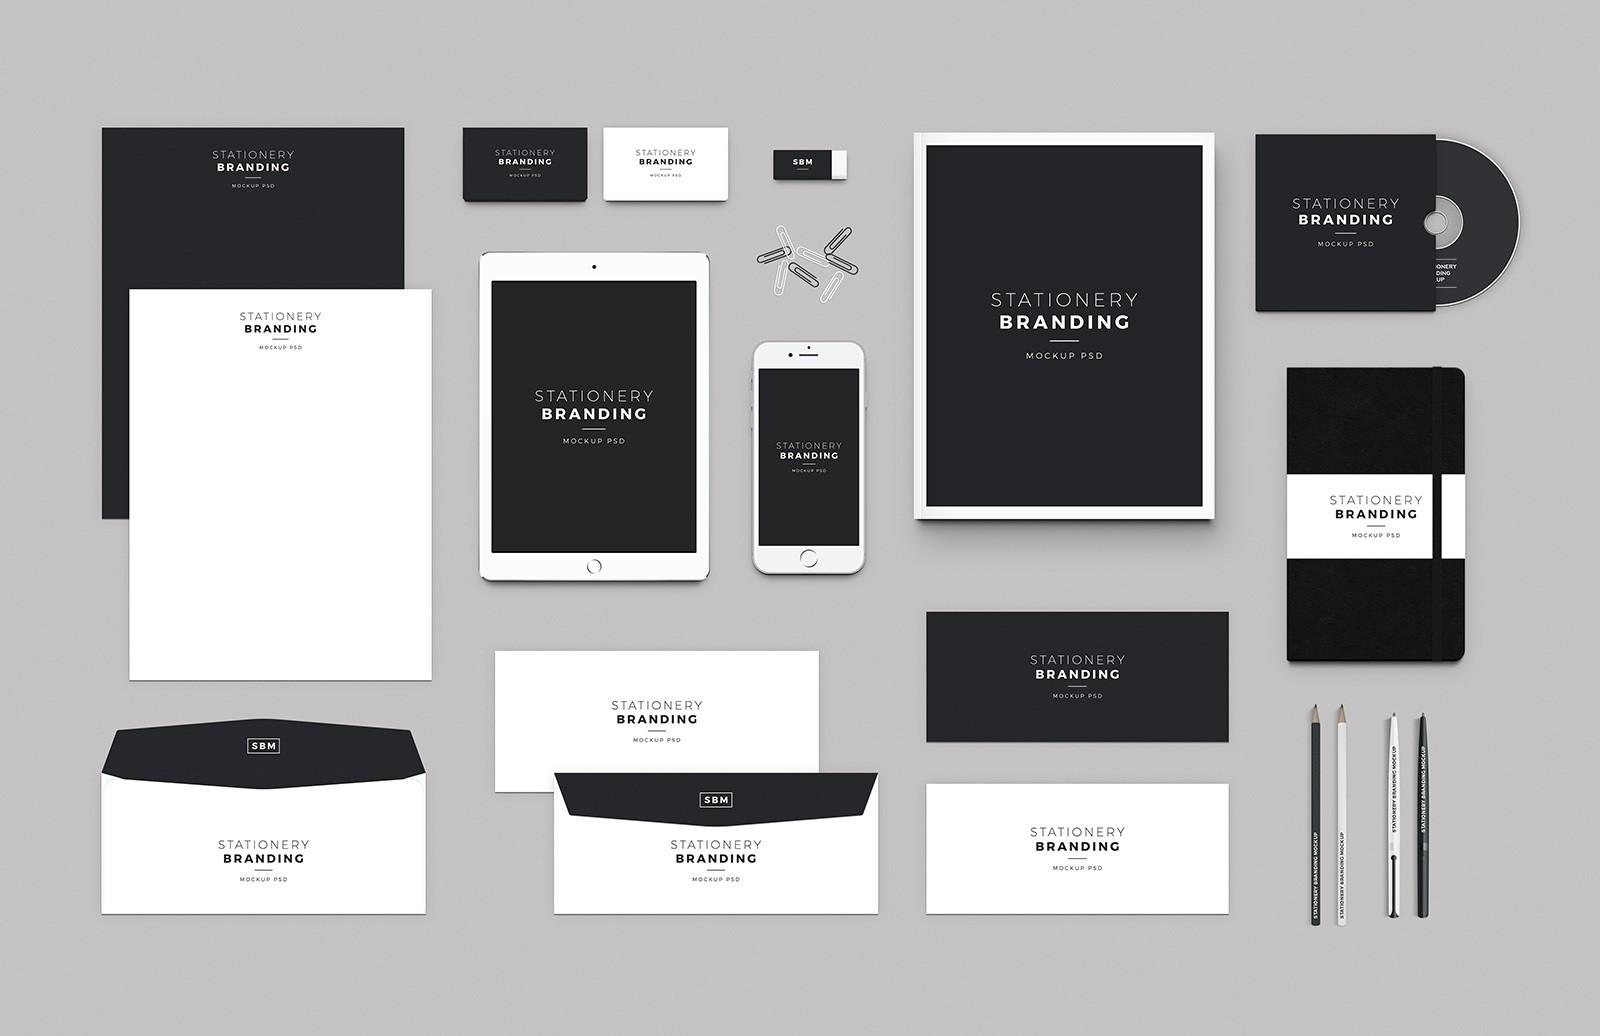 branding mockup - Branex Dubai